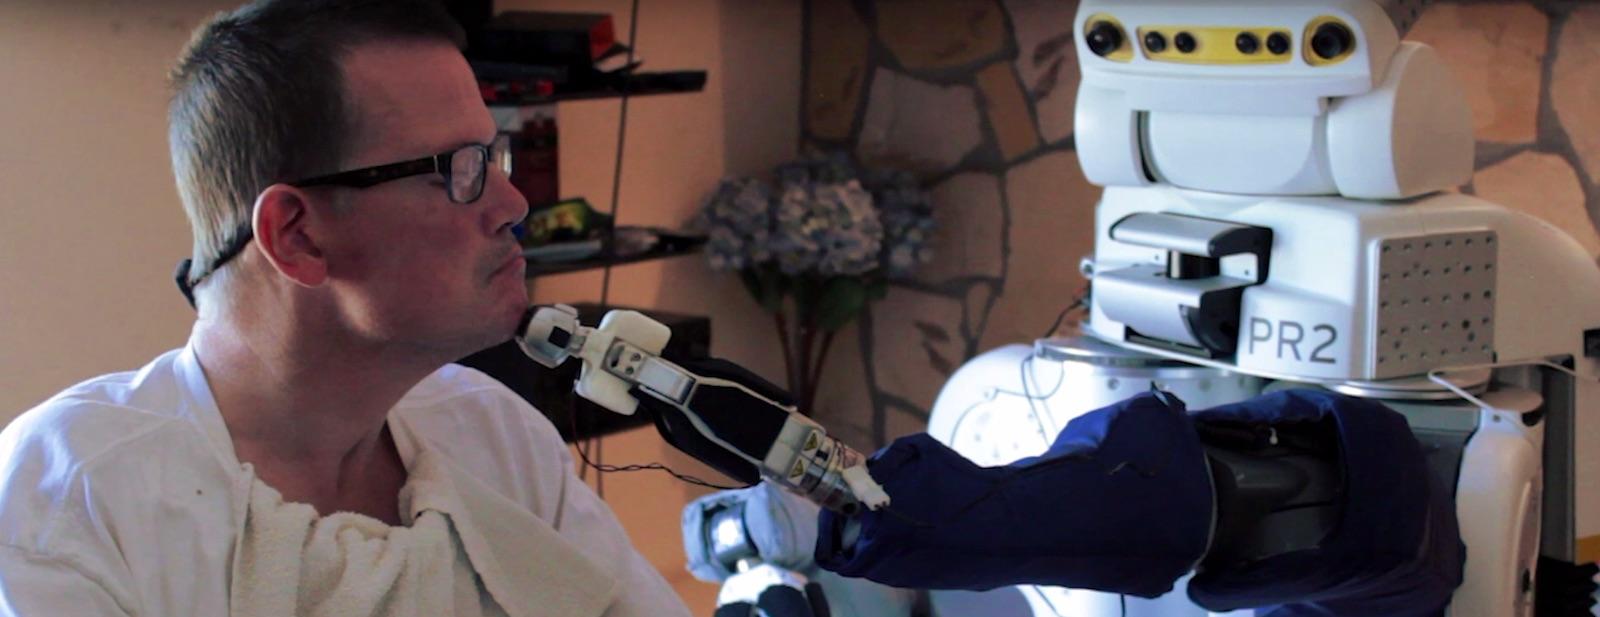 Osoby se zdravotním postižením mohou ovládat robota pomocí rozšířené reality